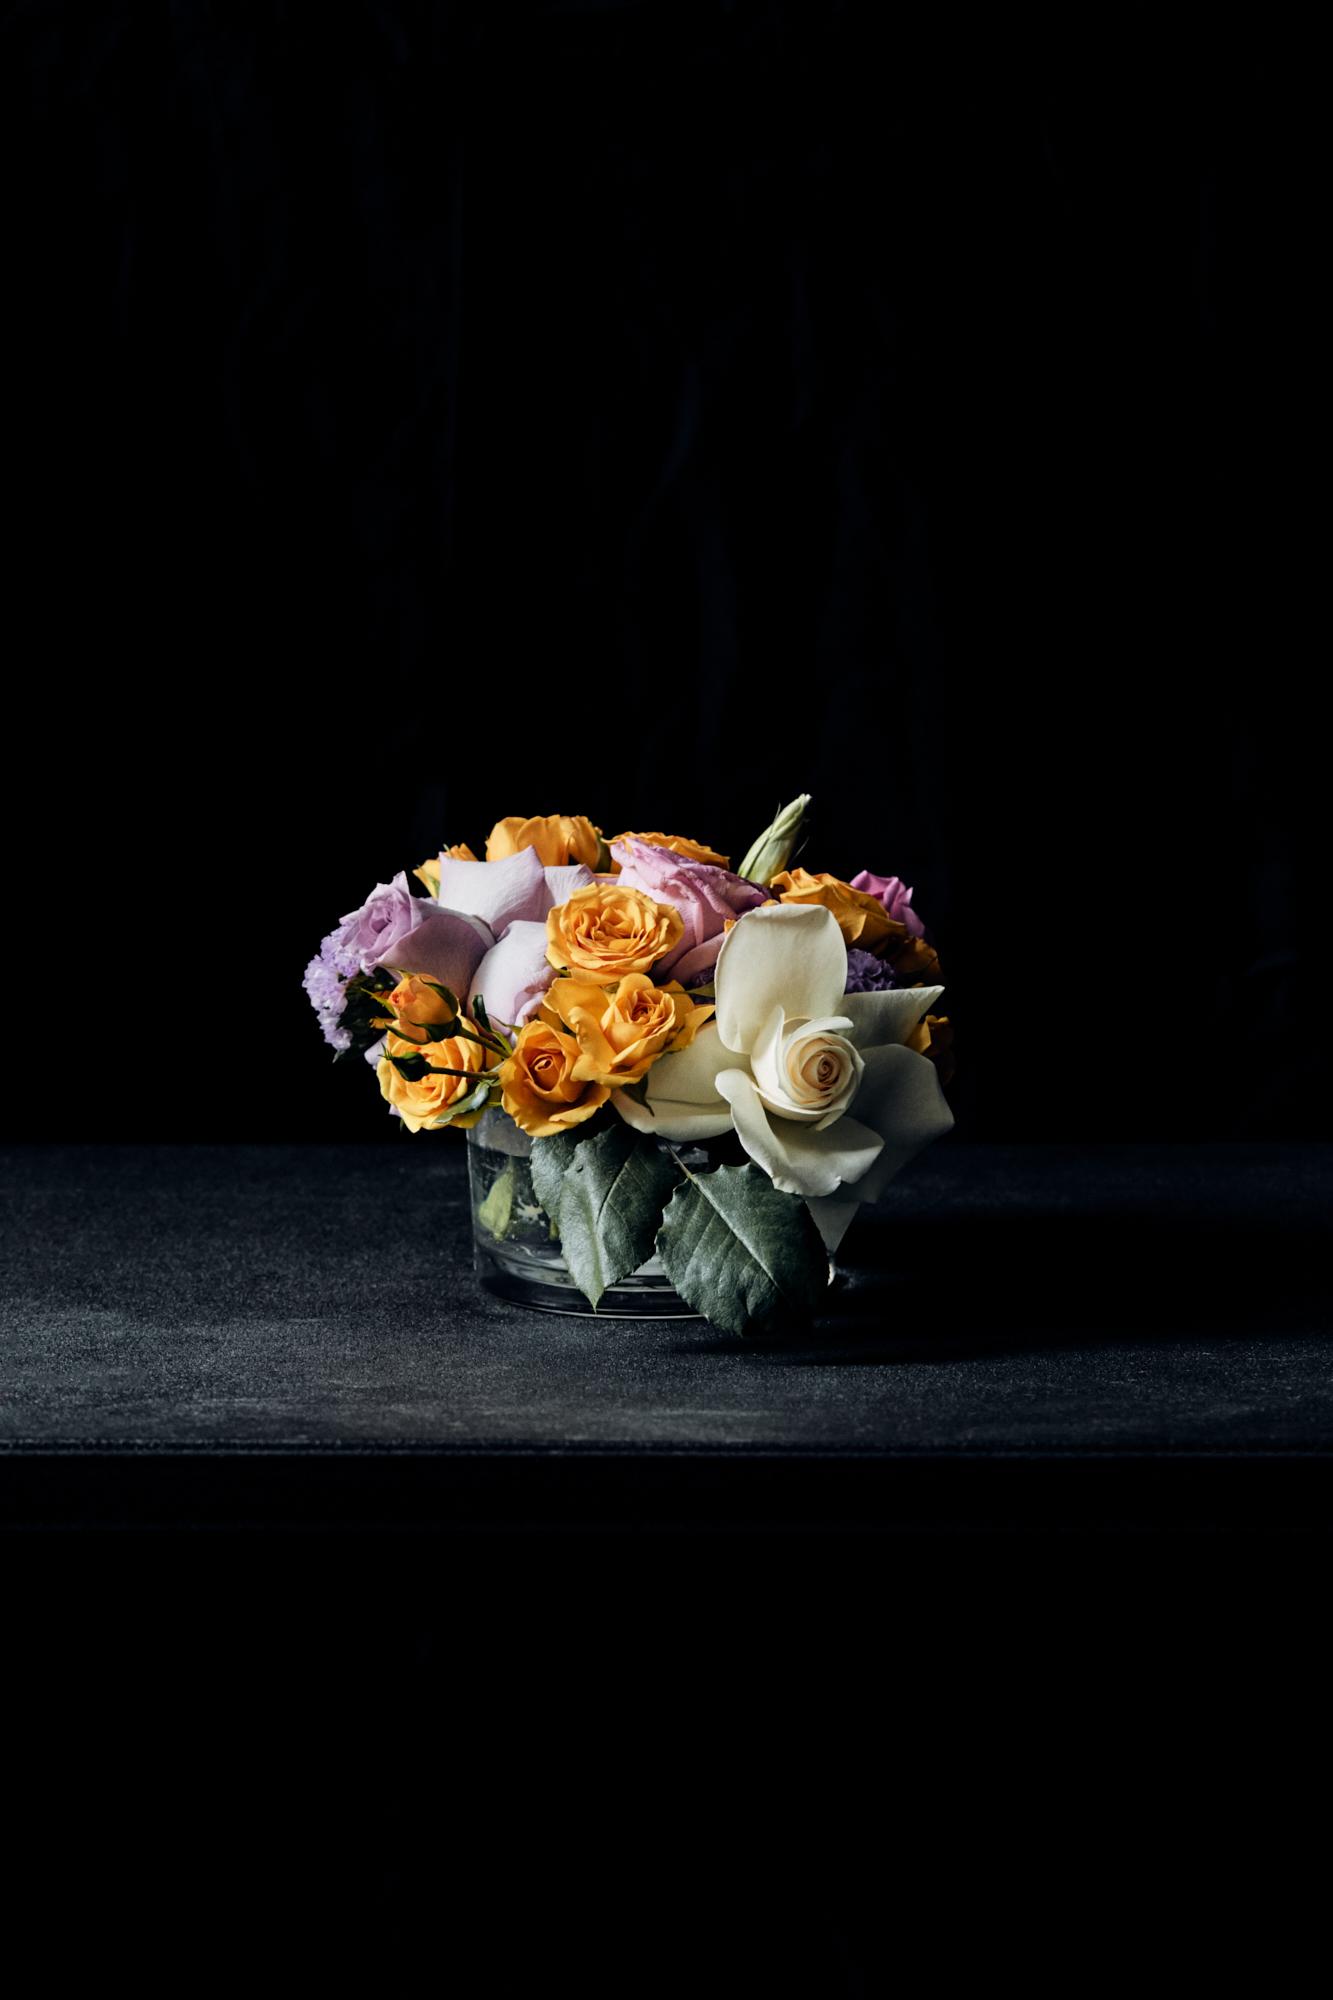 2018.01.06_BANGLADESH_ROSES_163